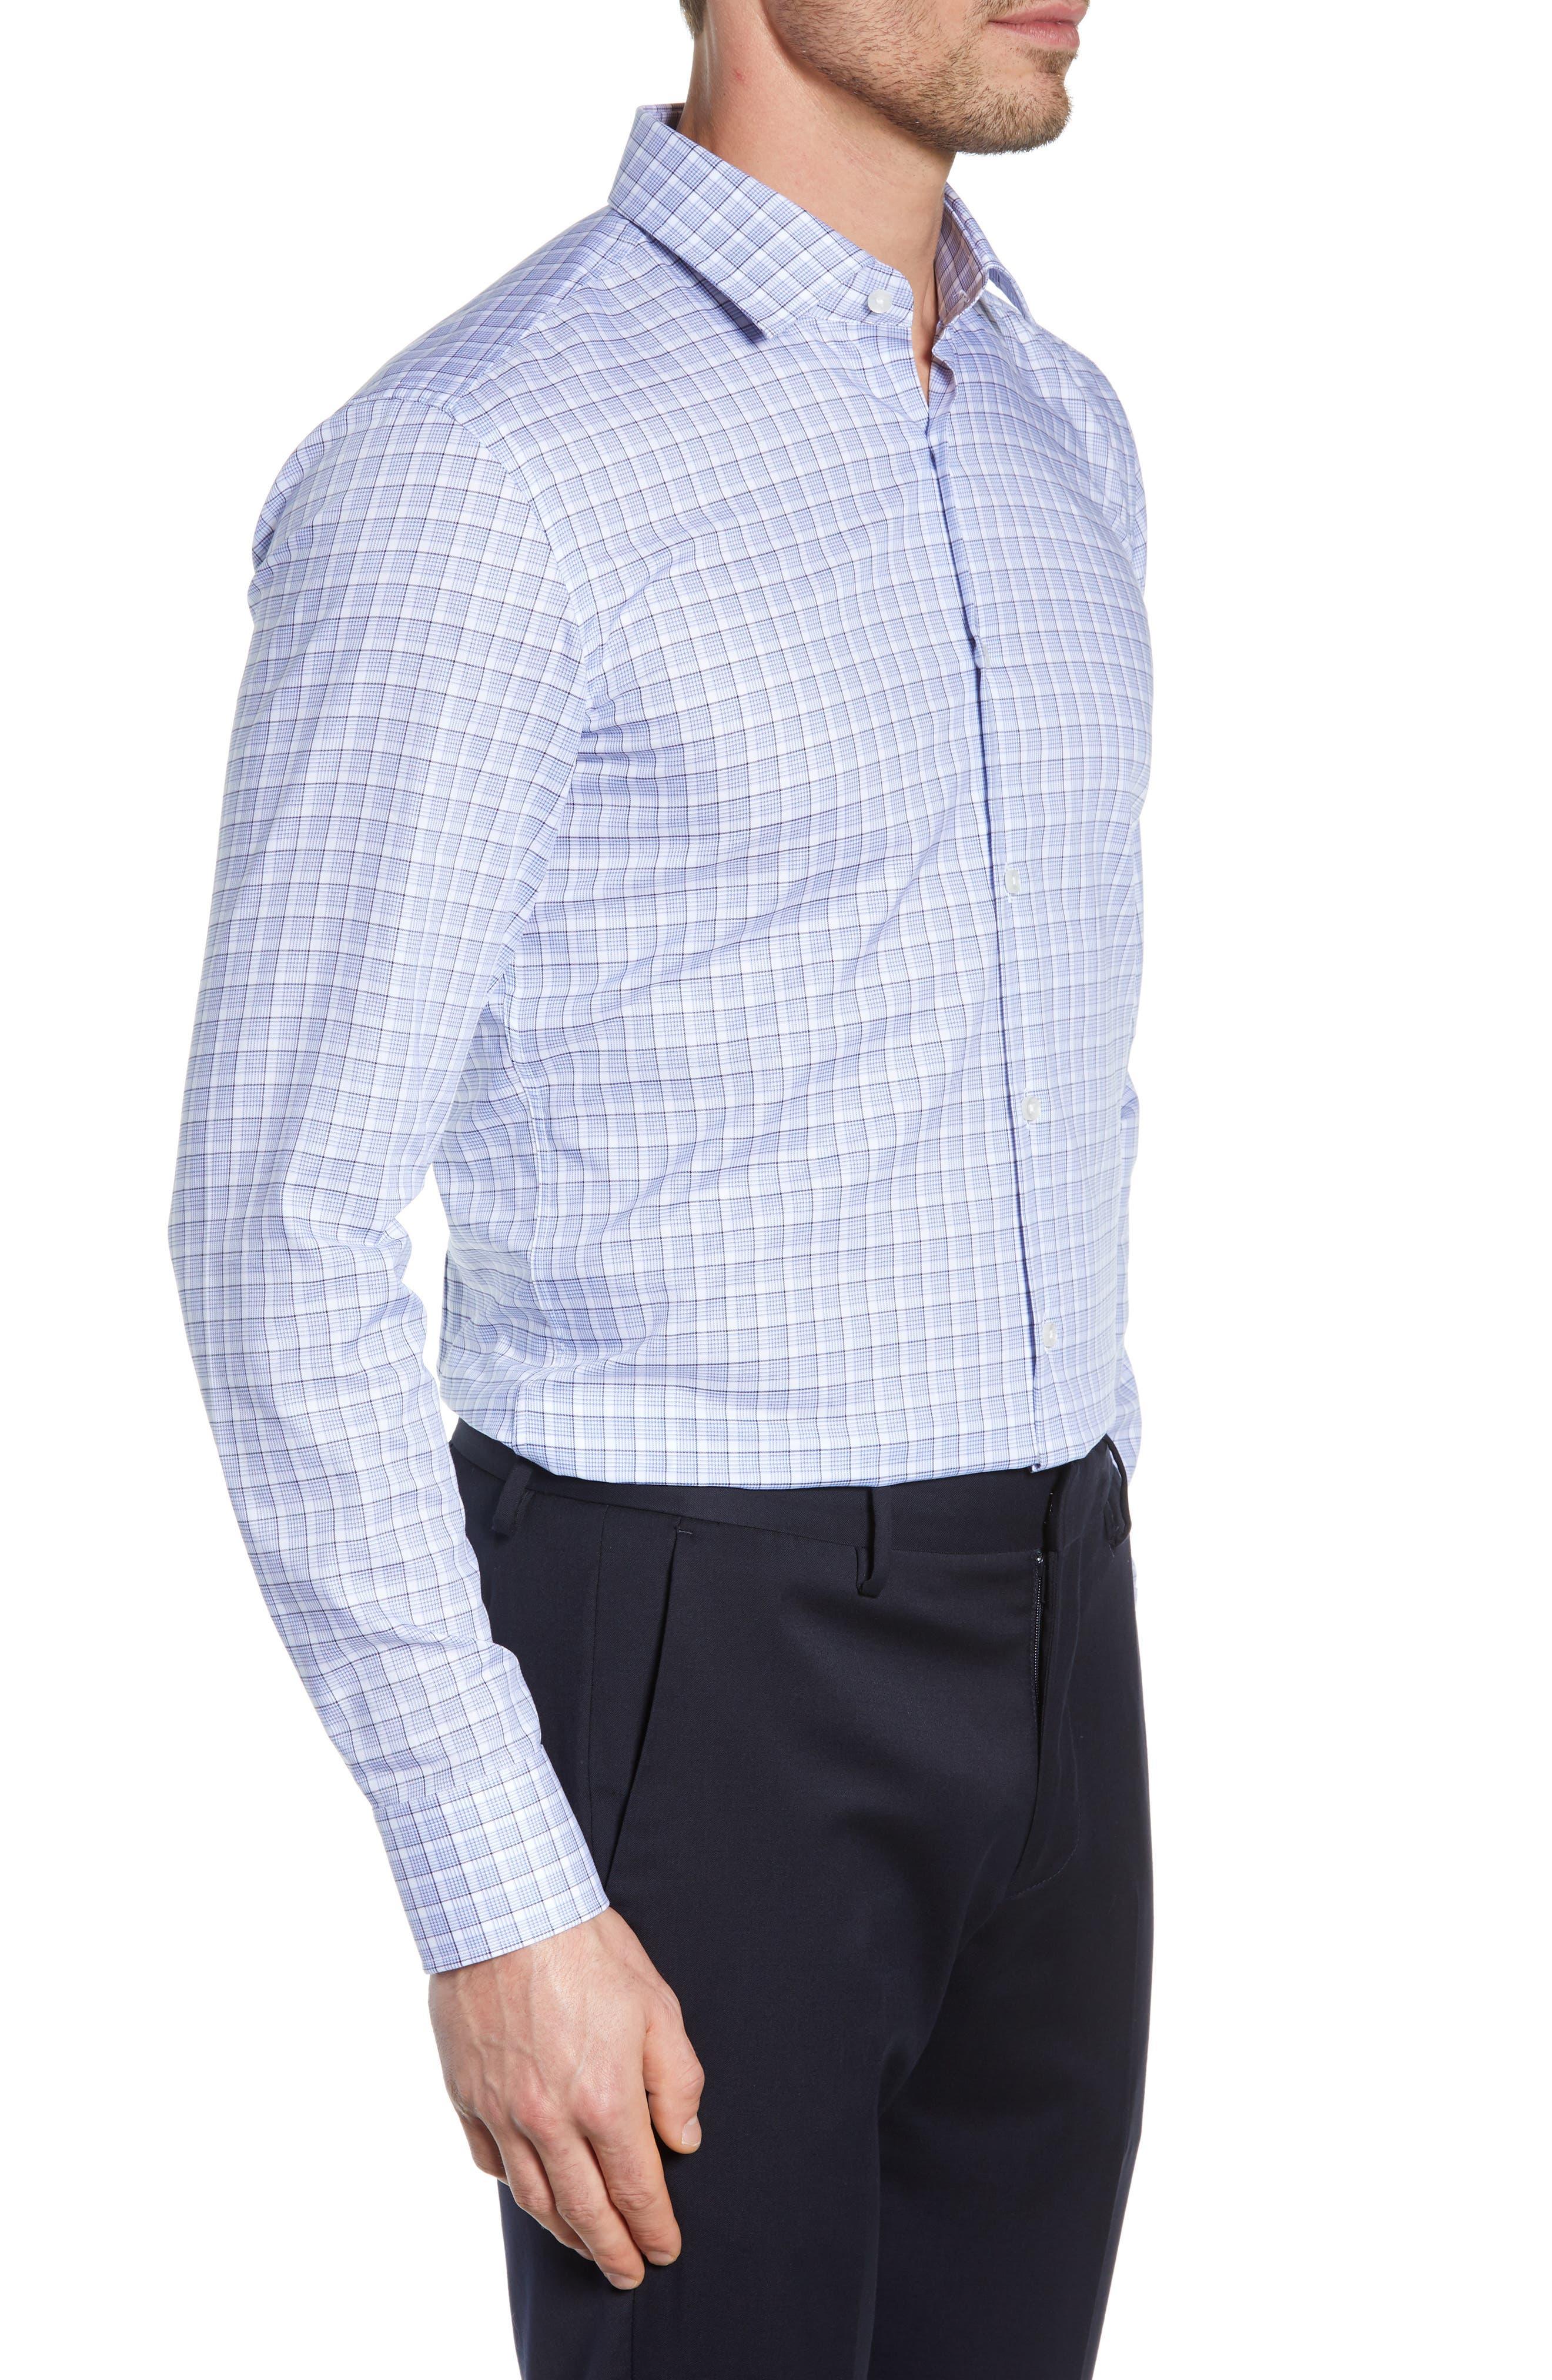 BOSS, Jenno Slim Fit Plaid Dress Shirt, Alternate thumbnail 4, color, BLUE